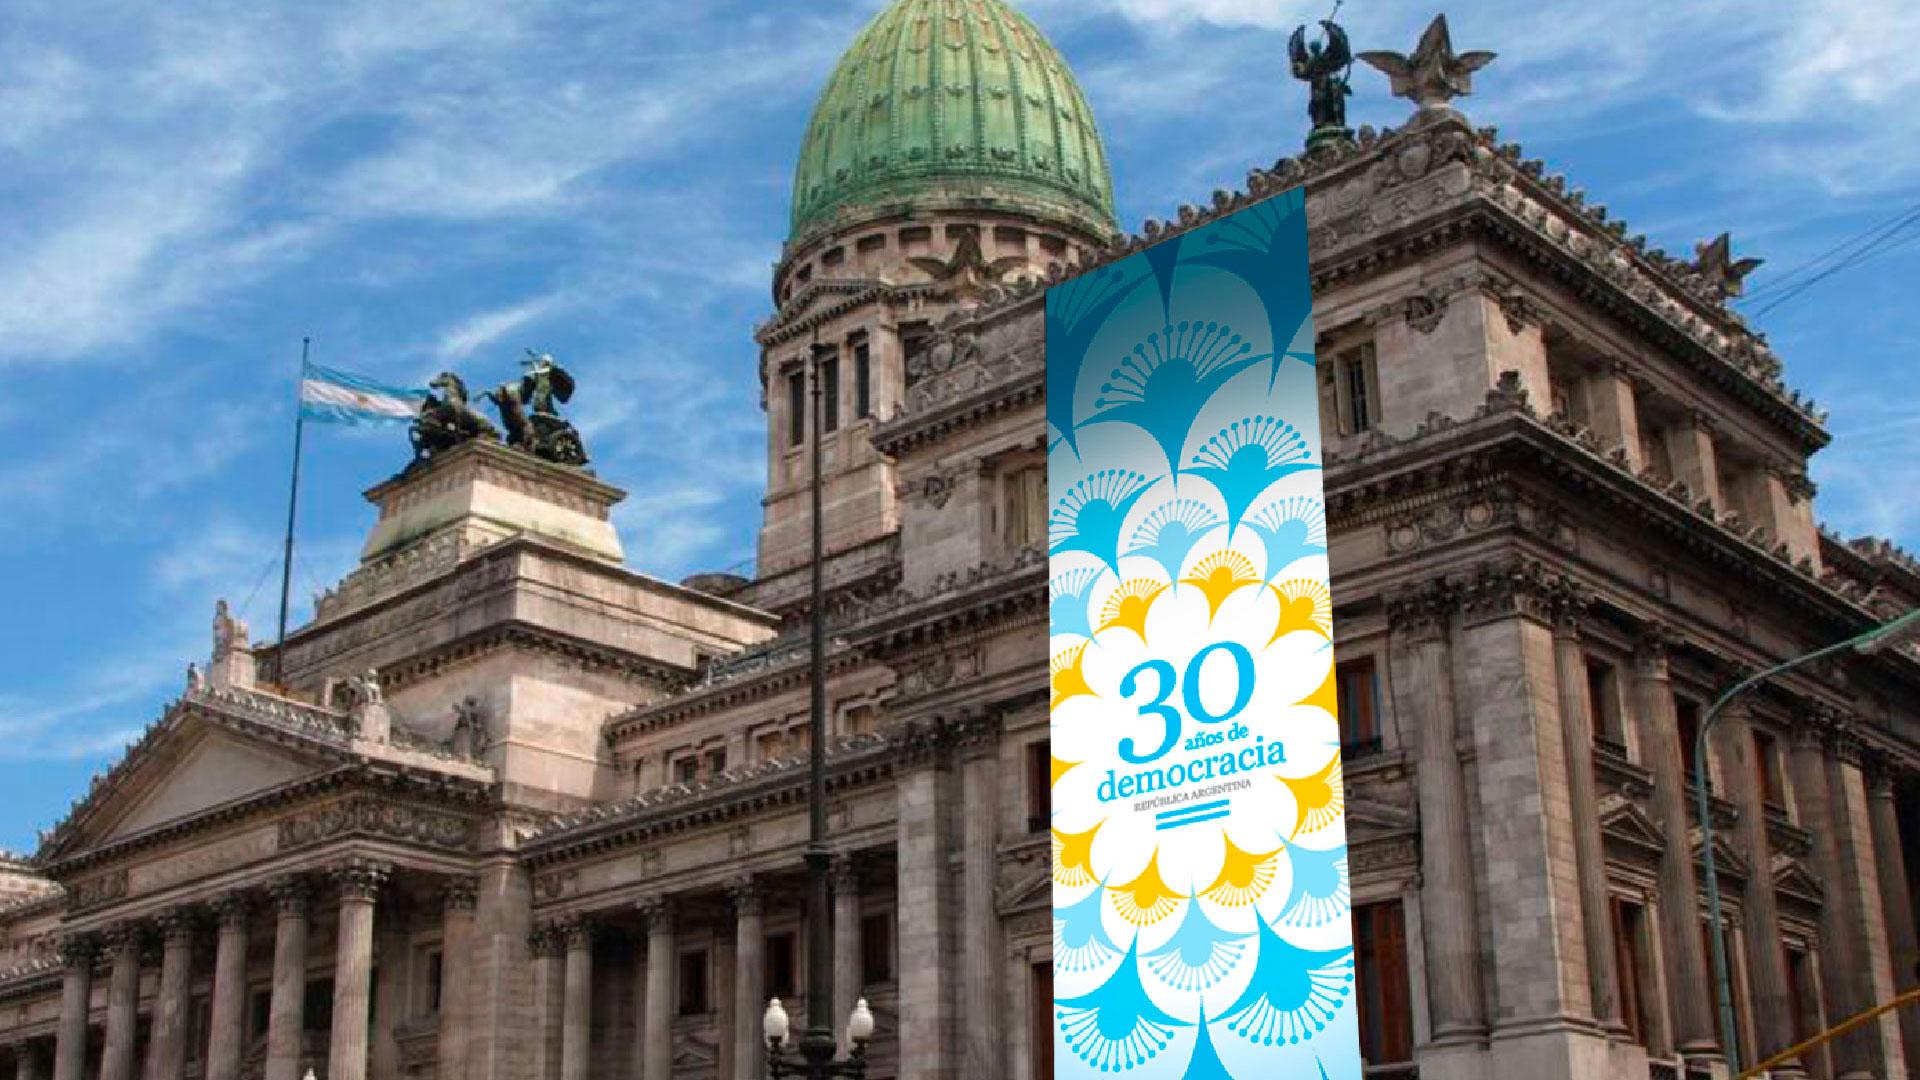 30 años de democracia argentina